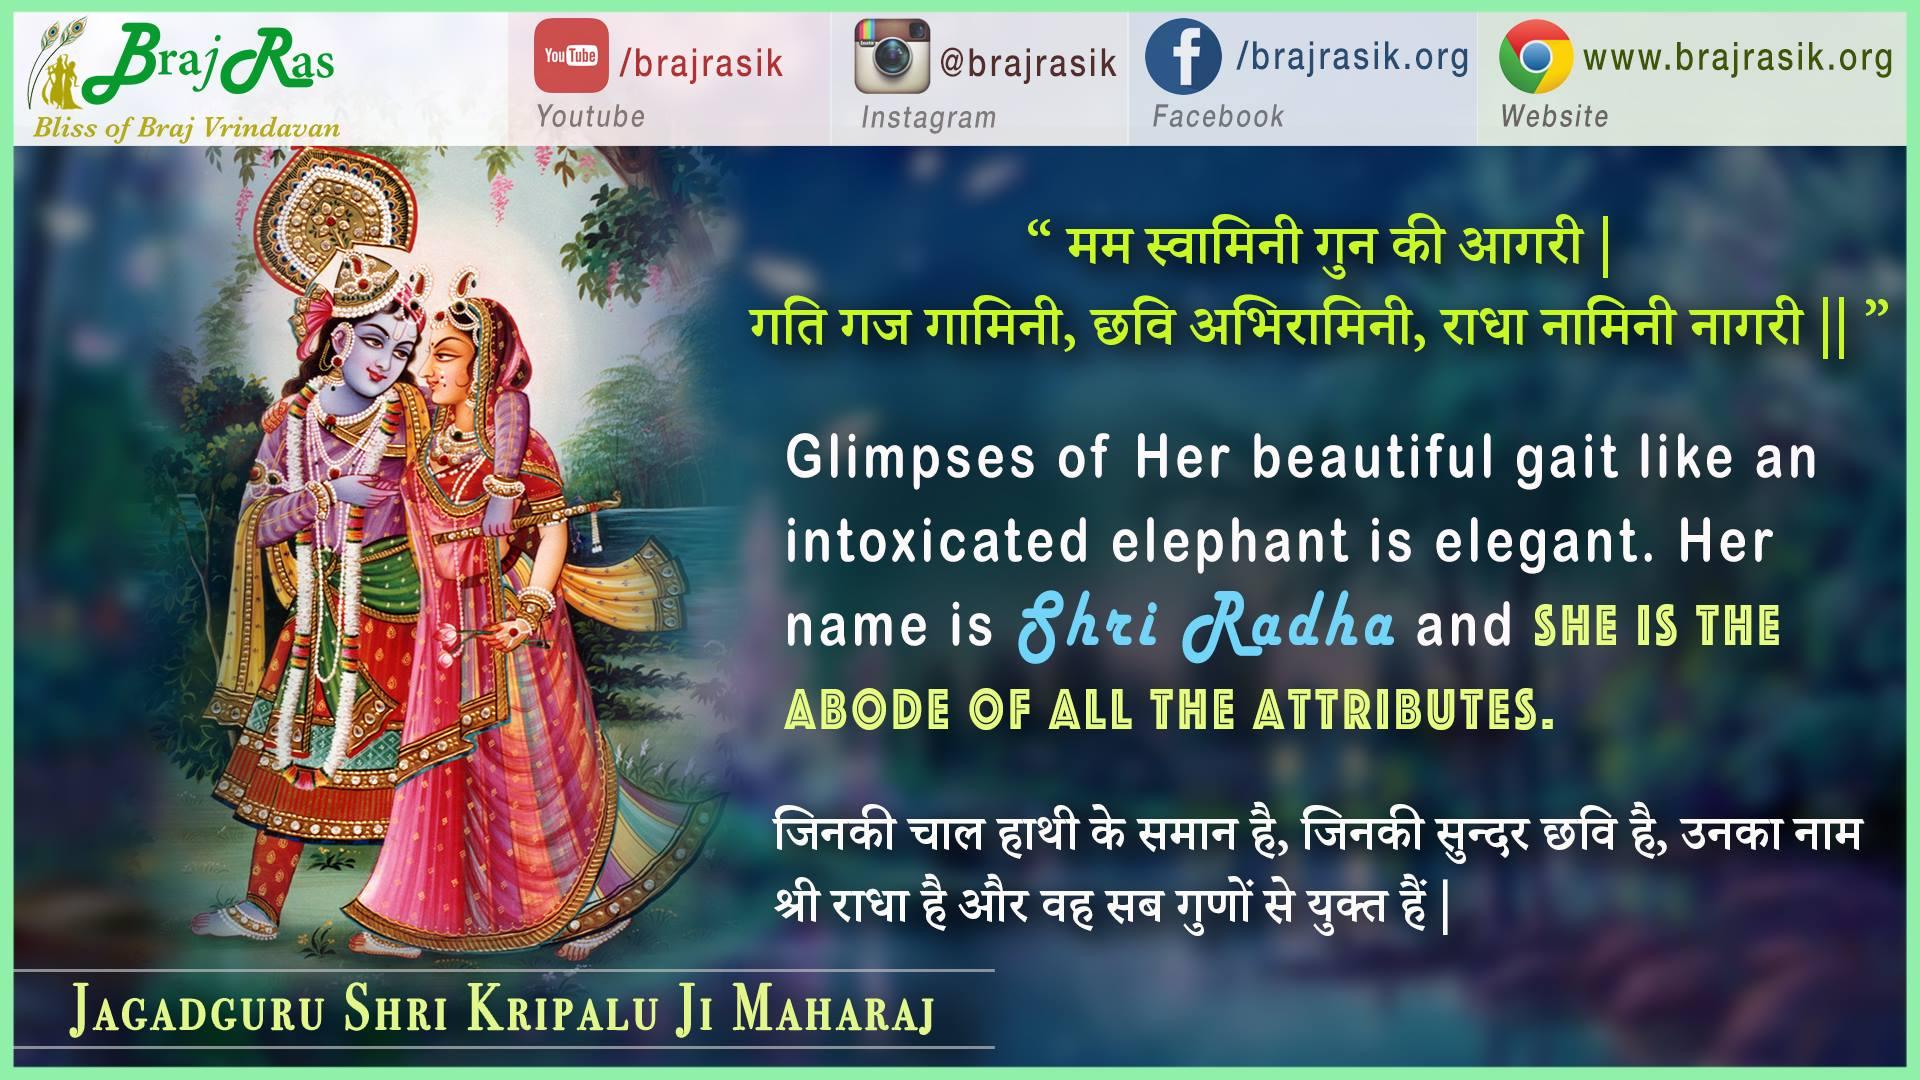 Mama swaamini guna ki aagaree - Jagadguru Shri Kripalu Ji Maharaj